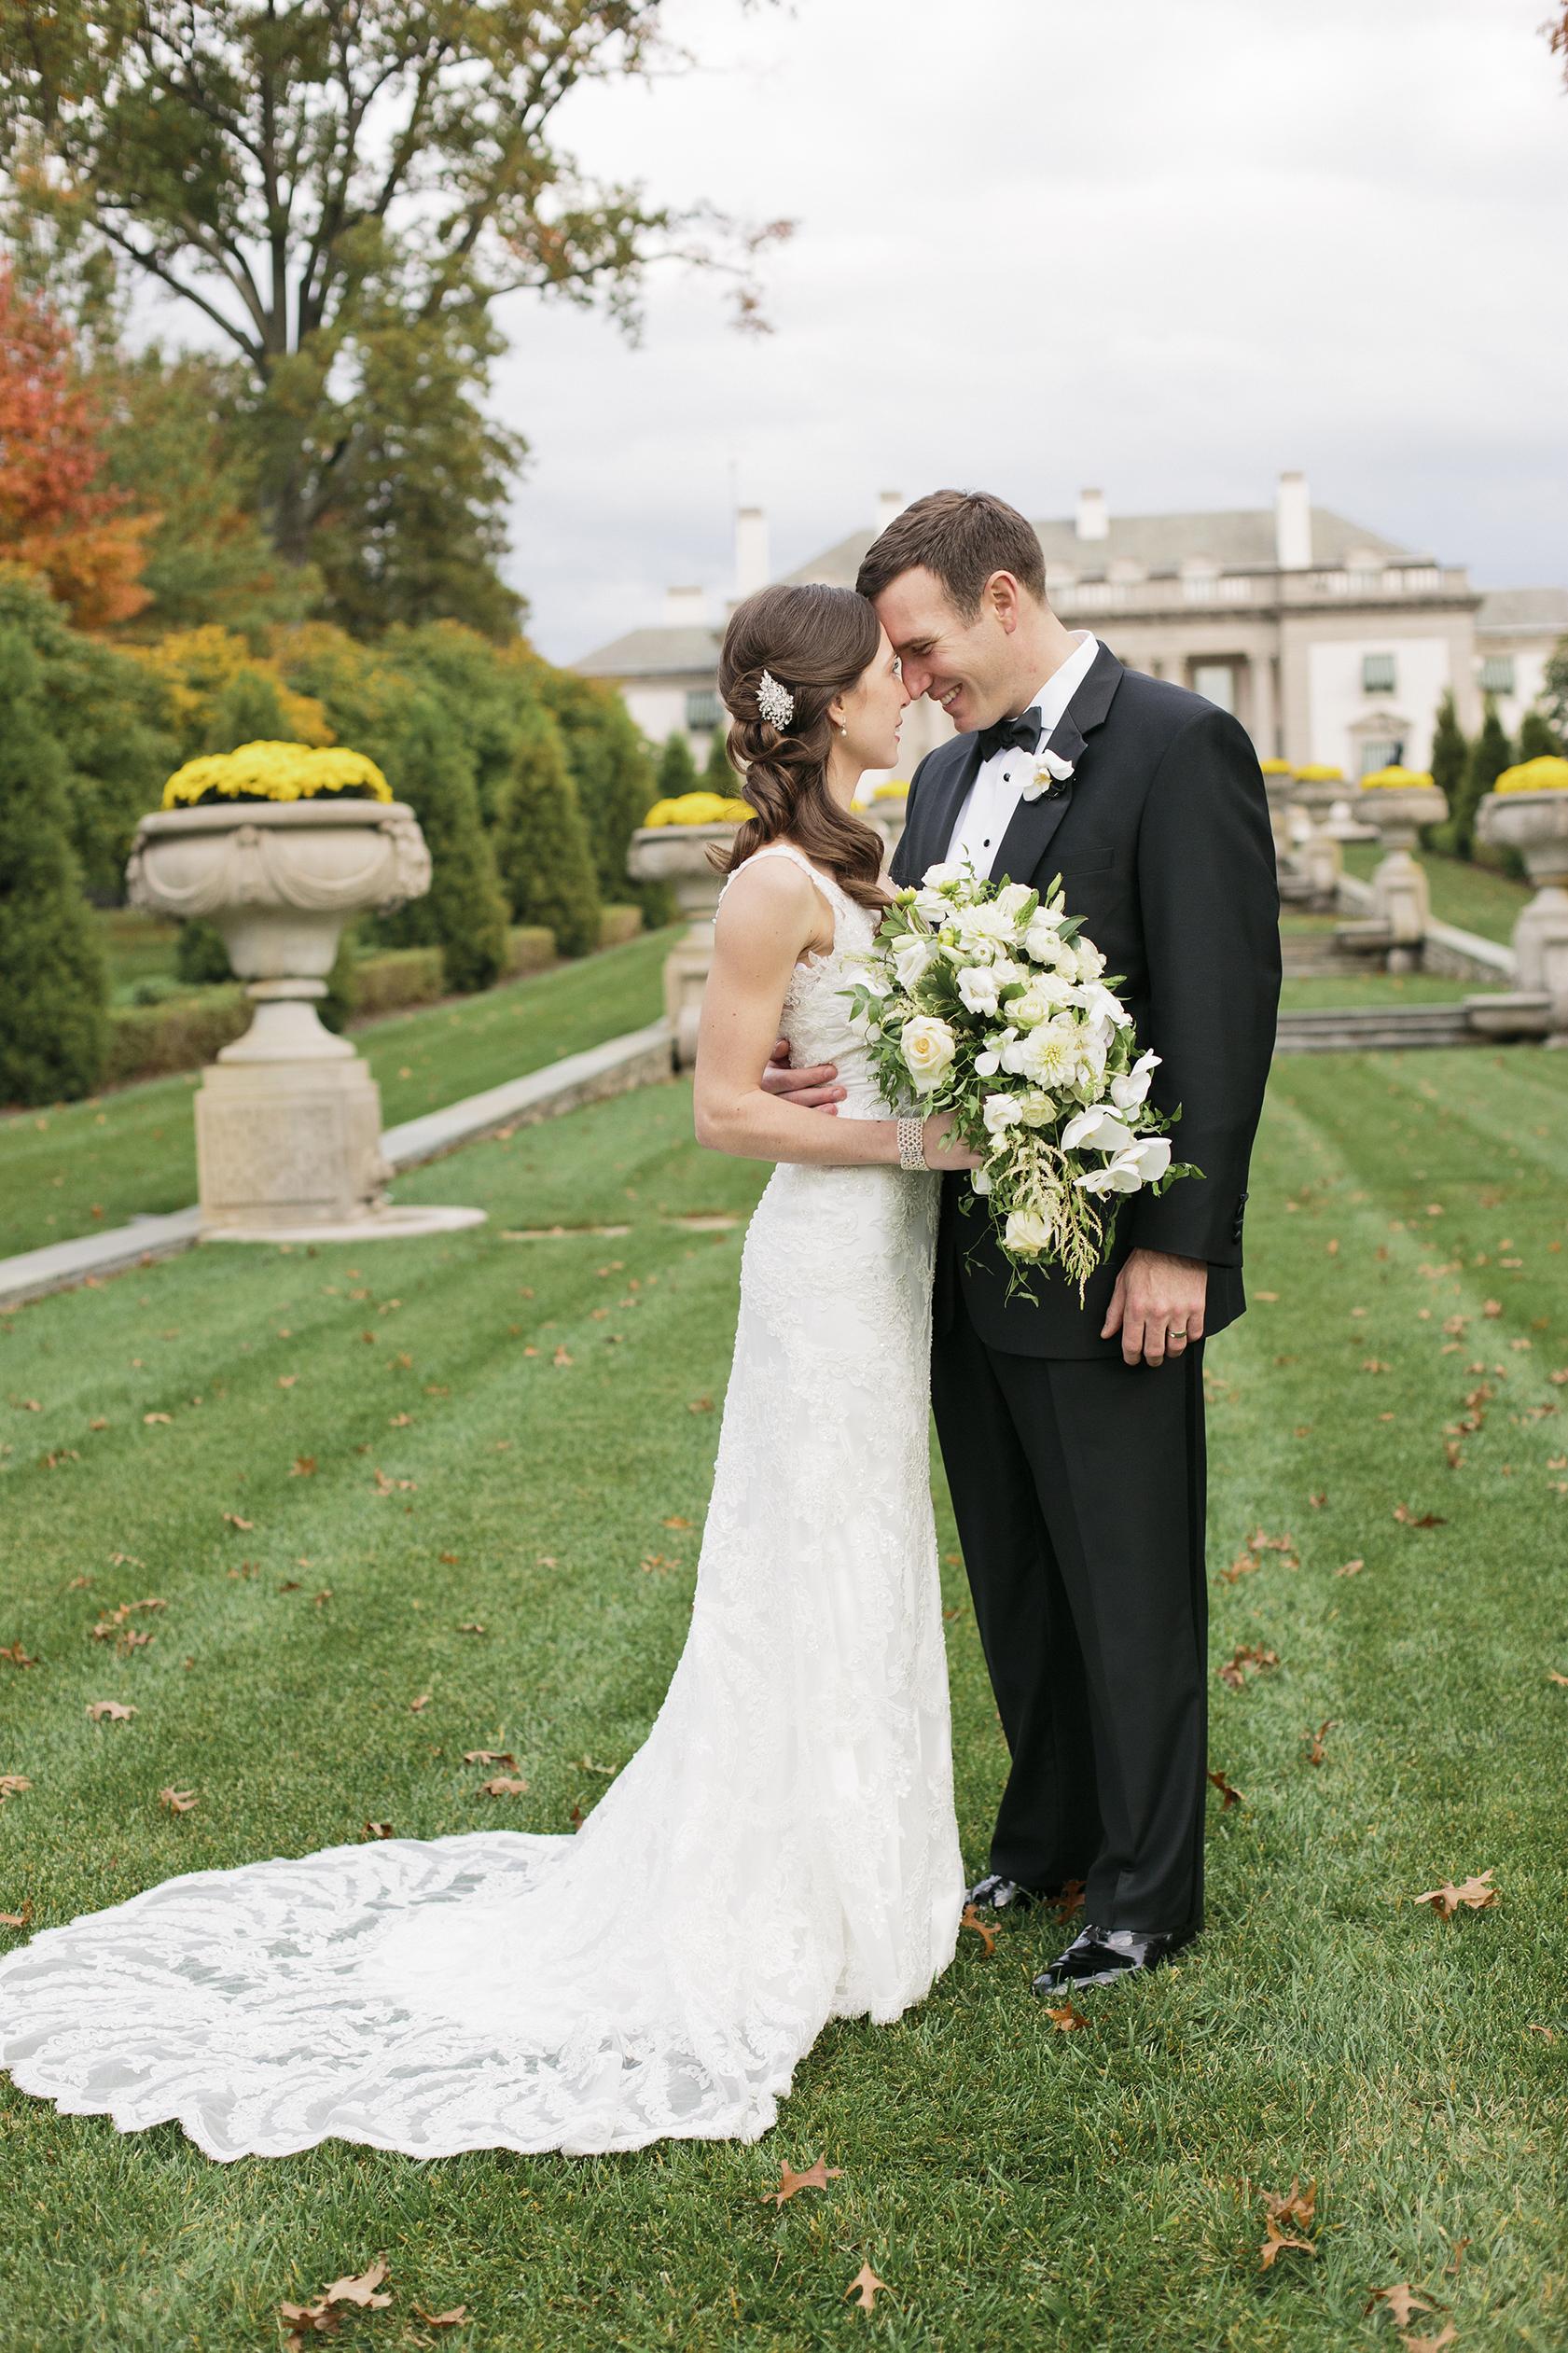 Nemours-Delaware-Art-Museum-Fall-Film-Wedding-Photographer-030.jpg